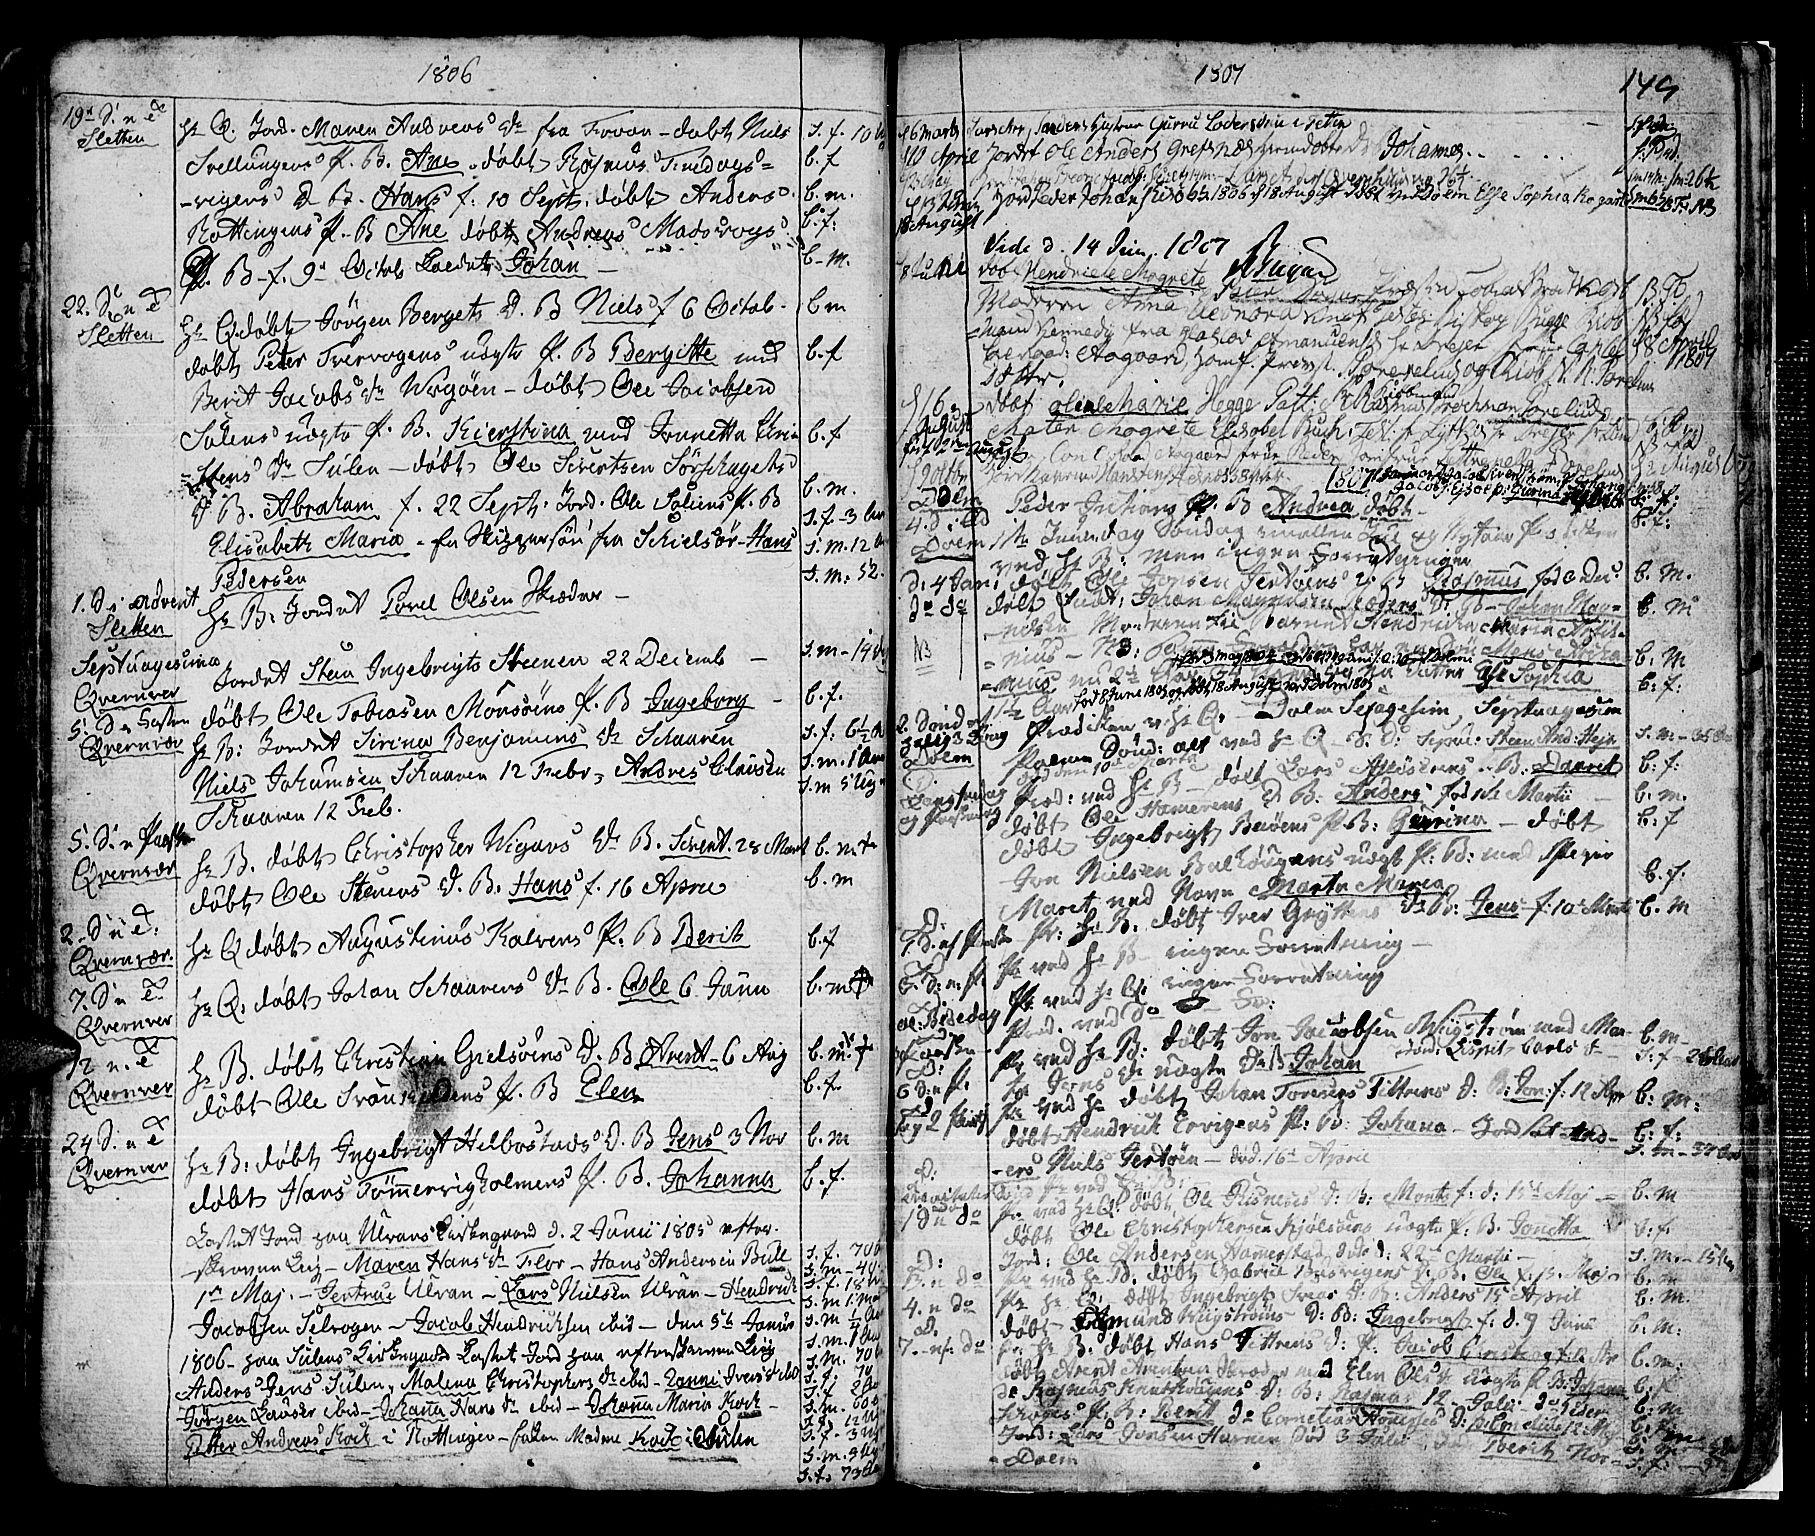 SAT, Ministerialprotokoller, klokkerbøker og fødselsregistre - Sør-Trøndelag, 634/L0526: Ministerialbok nr. 634A02, 1775-1818, s. 149